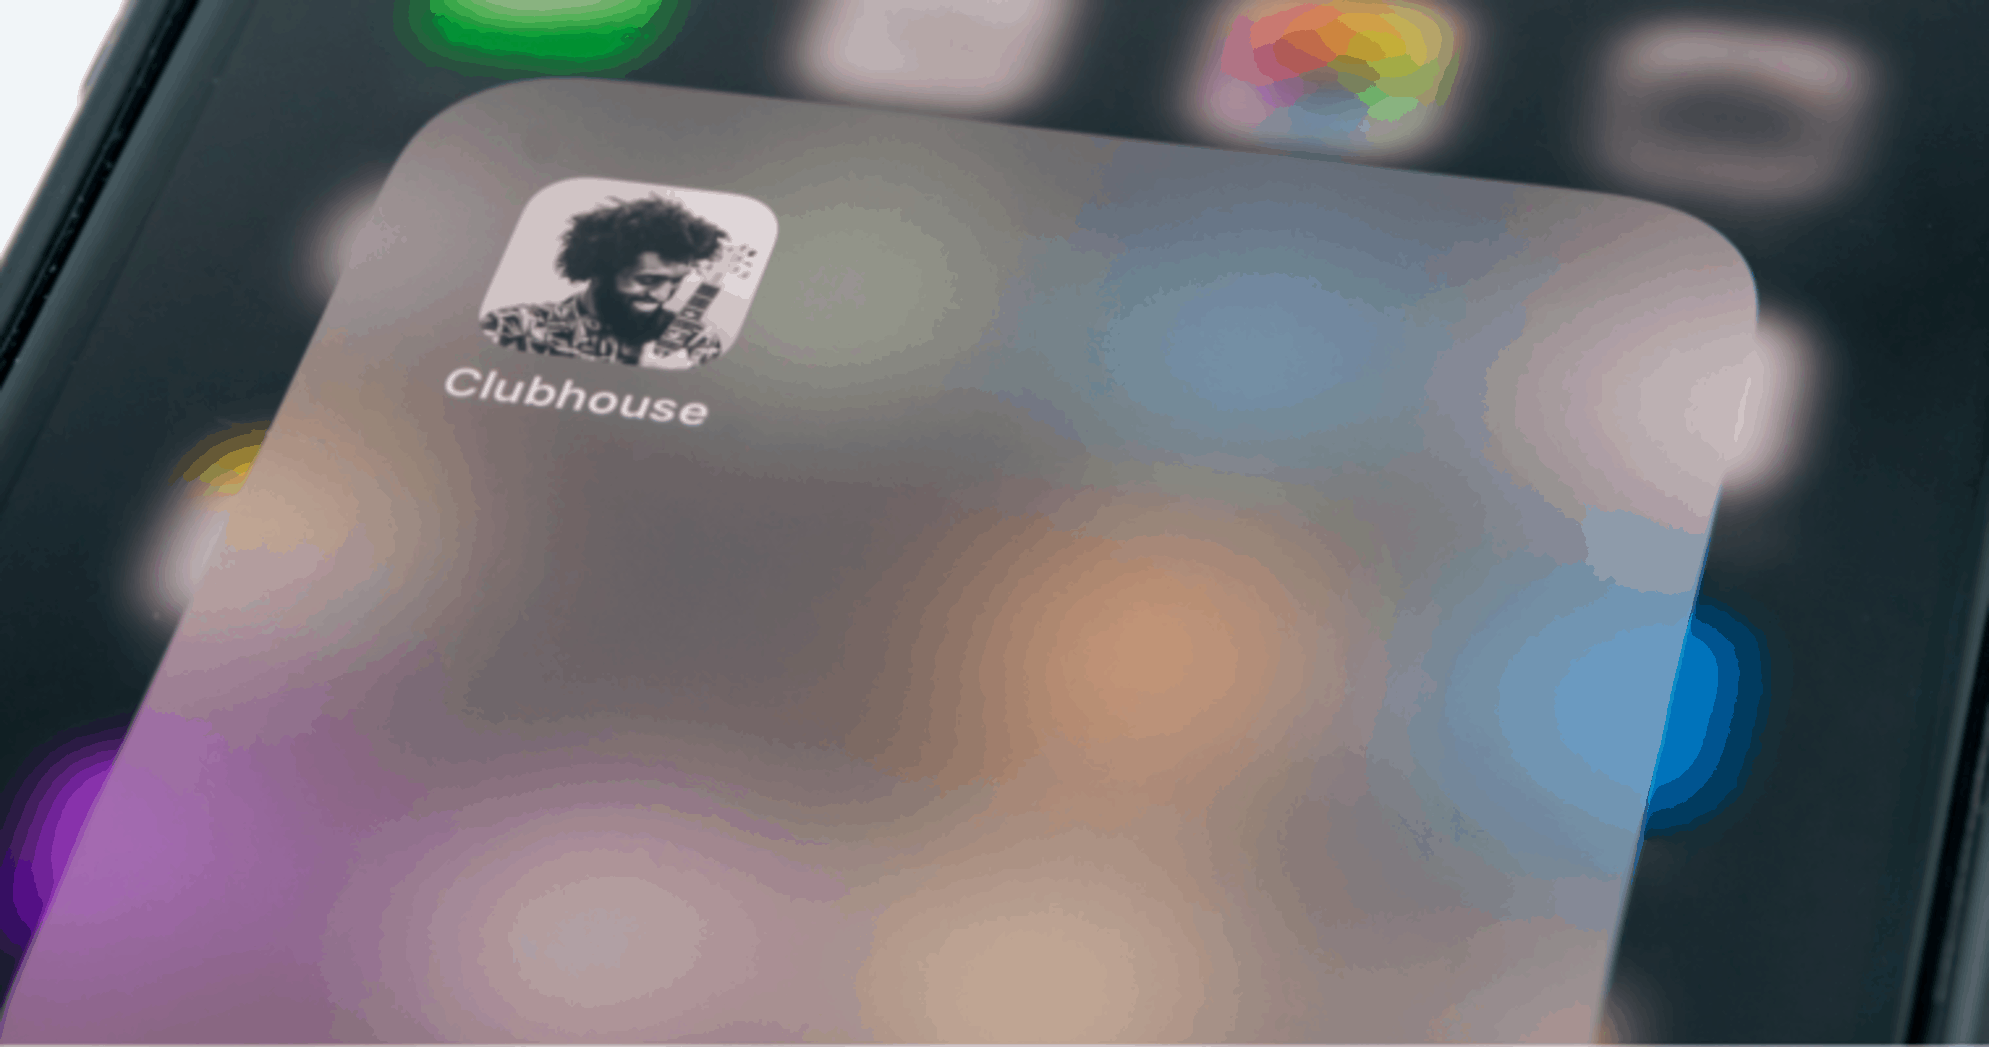 Comment accéder à l'application Clubhouse ?